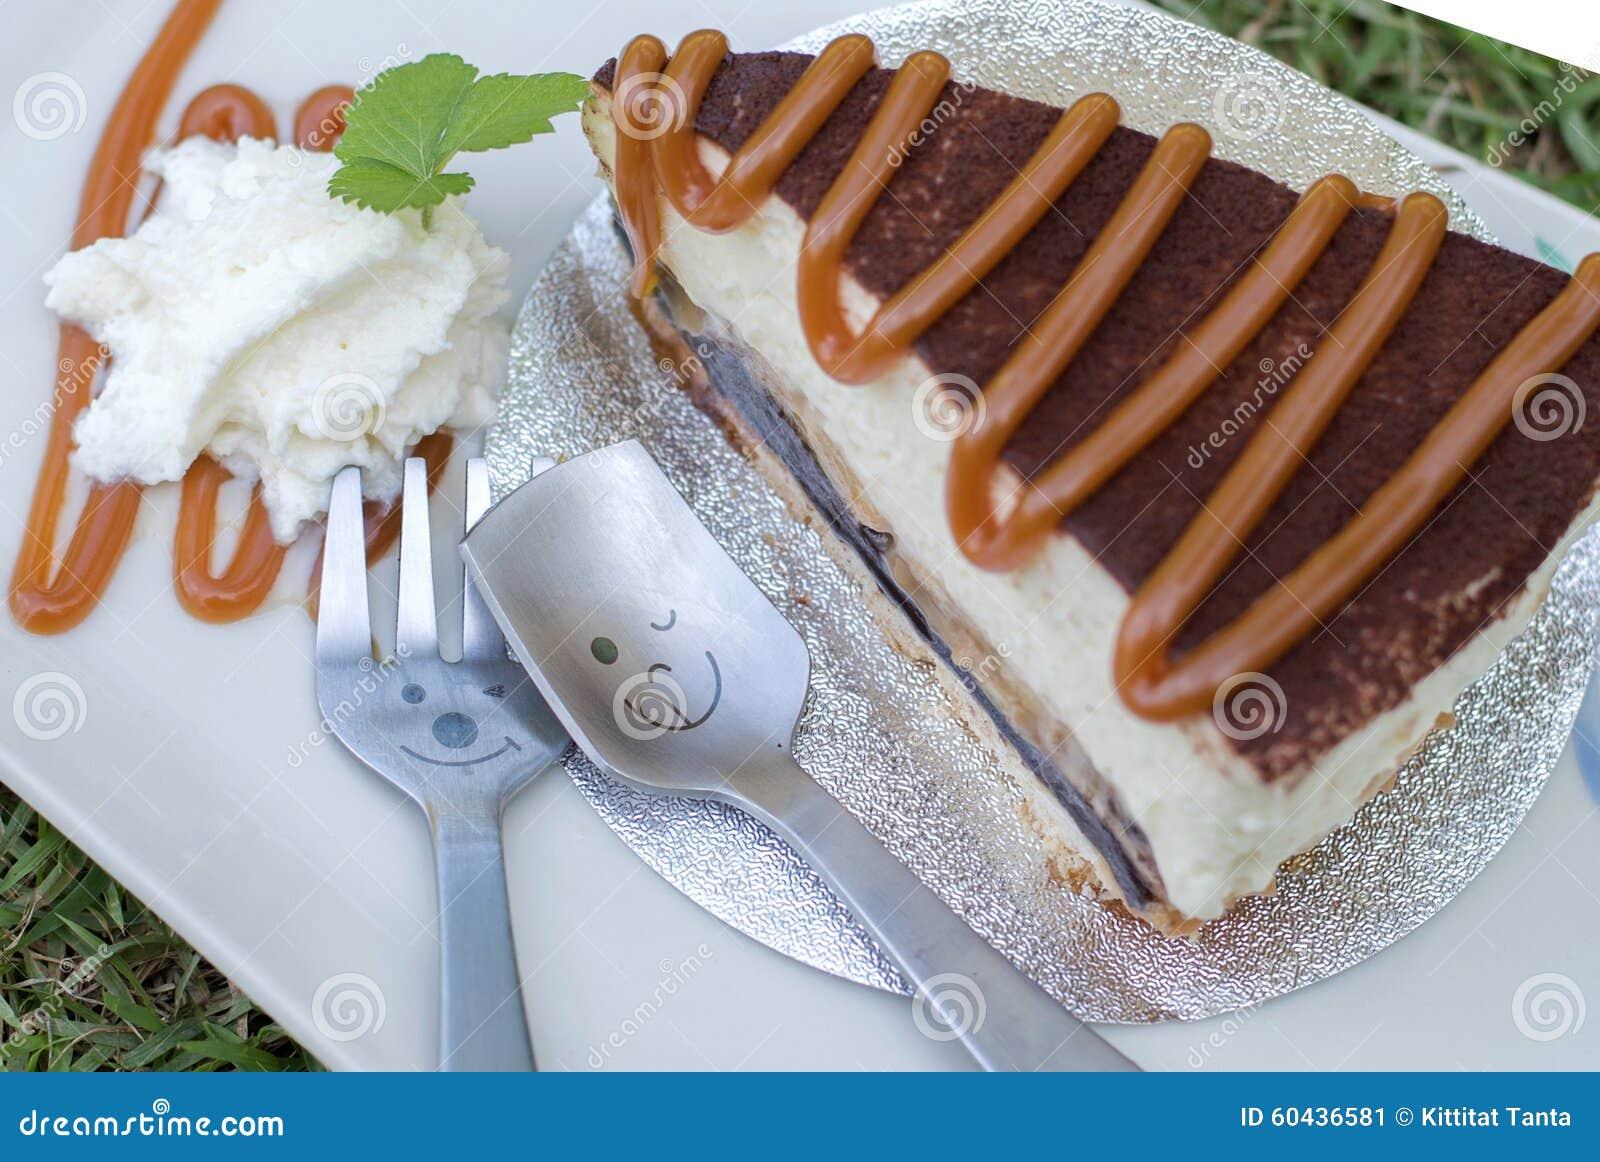 Schliessen Sie Herauf Loffel Mit Banoffee Kuchen Giessen Karamell